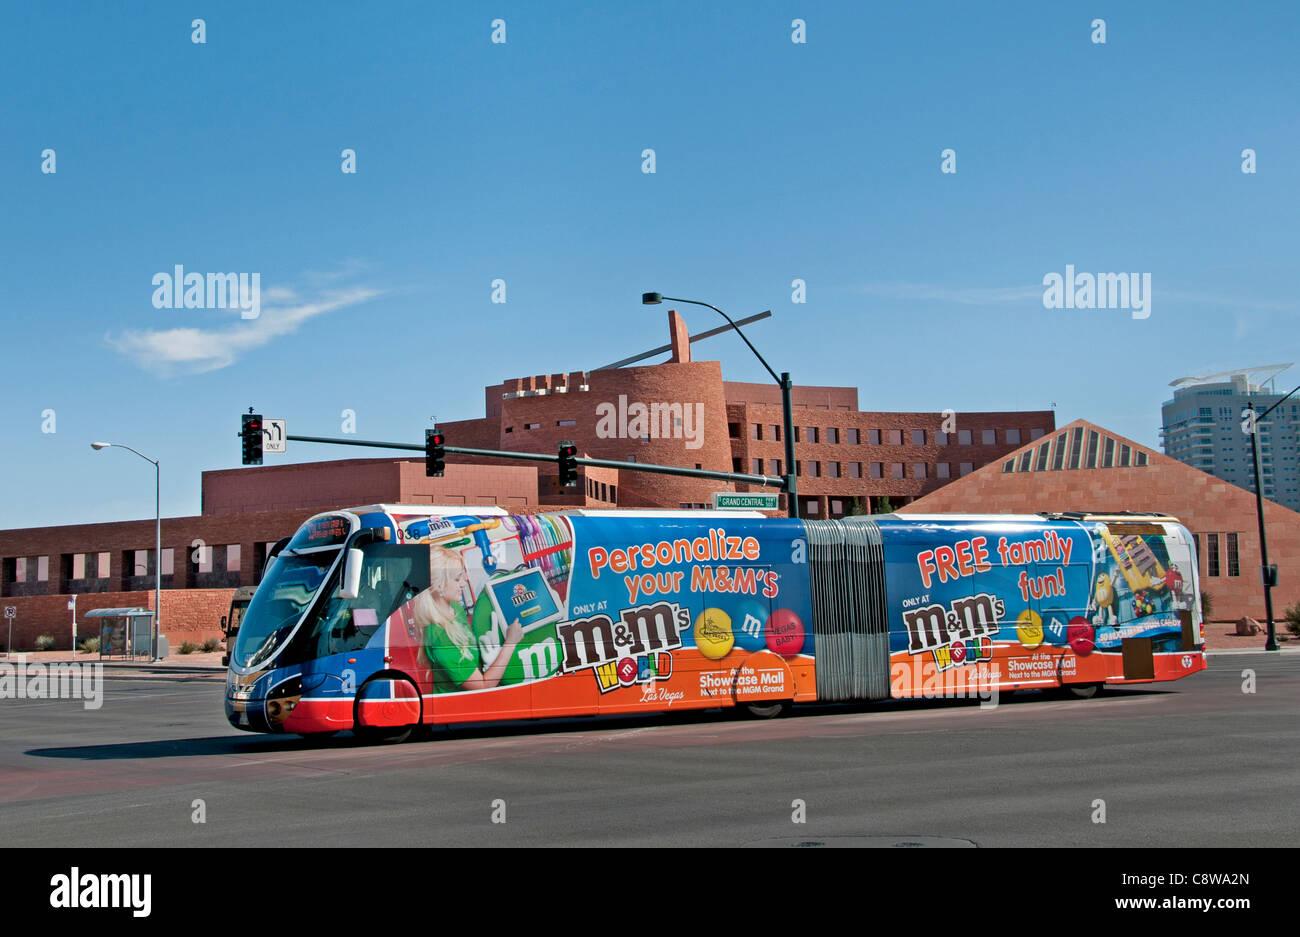 Las Vegas Centro de Gobierno del Condado de Clark, Nevada, Estados Unidos, el transporte público local bus Imagen De Stock